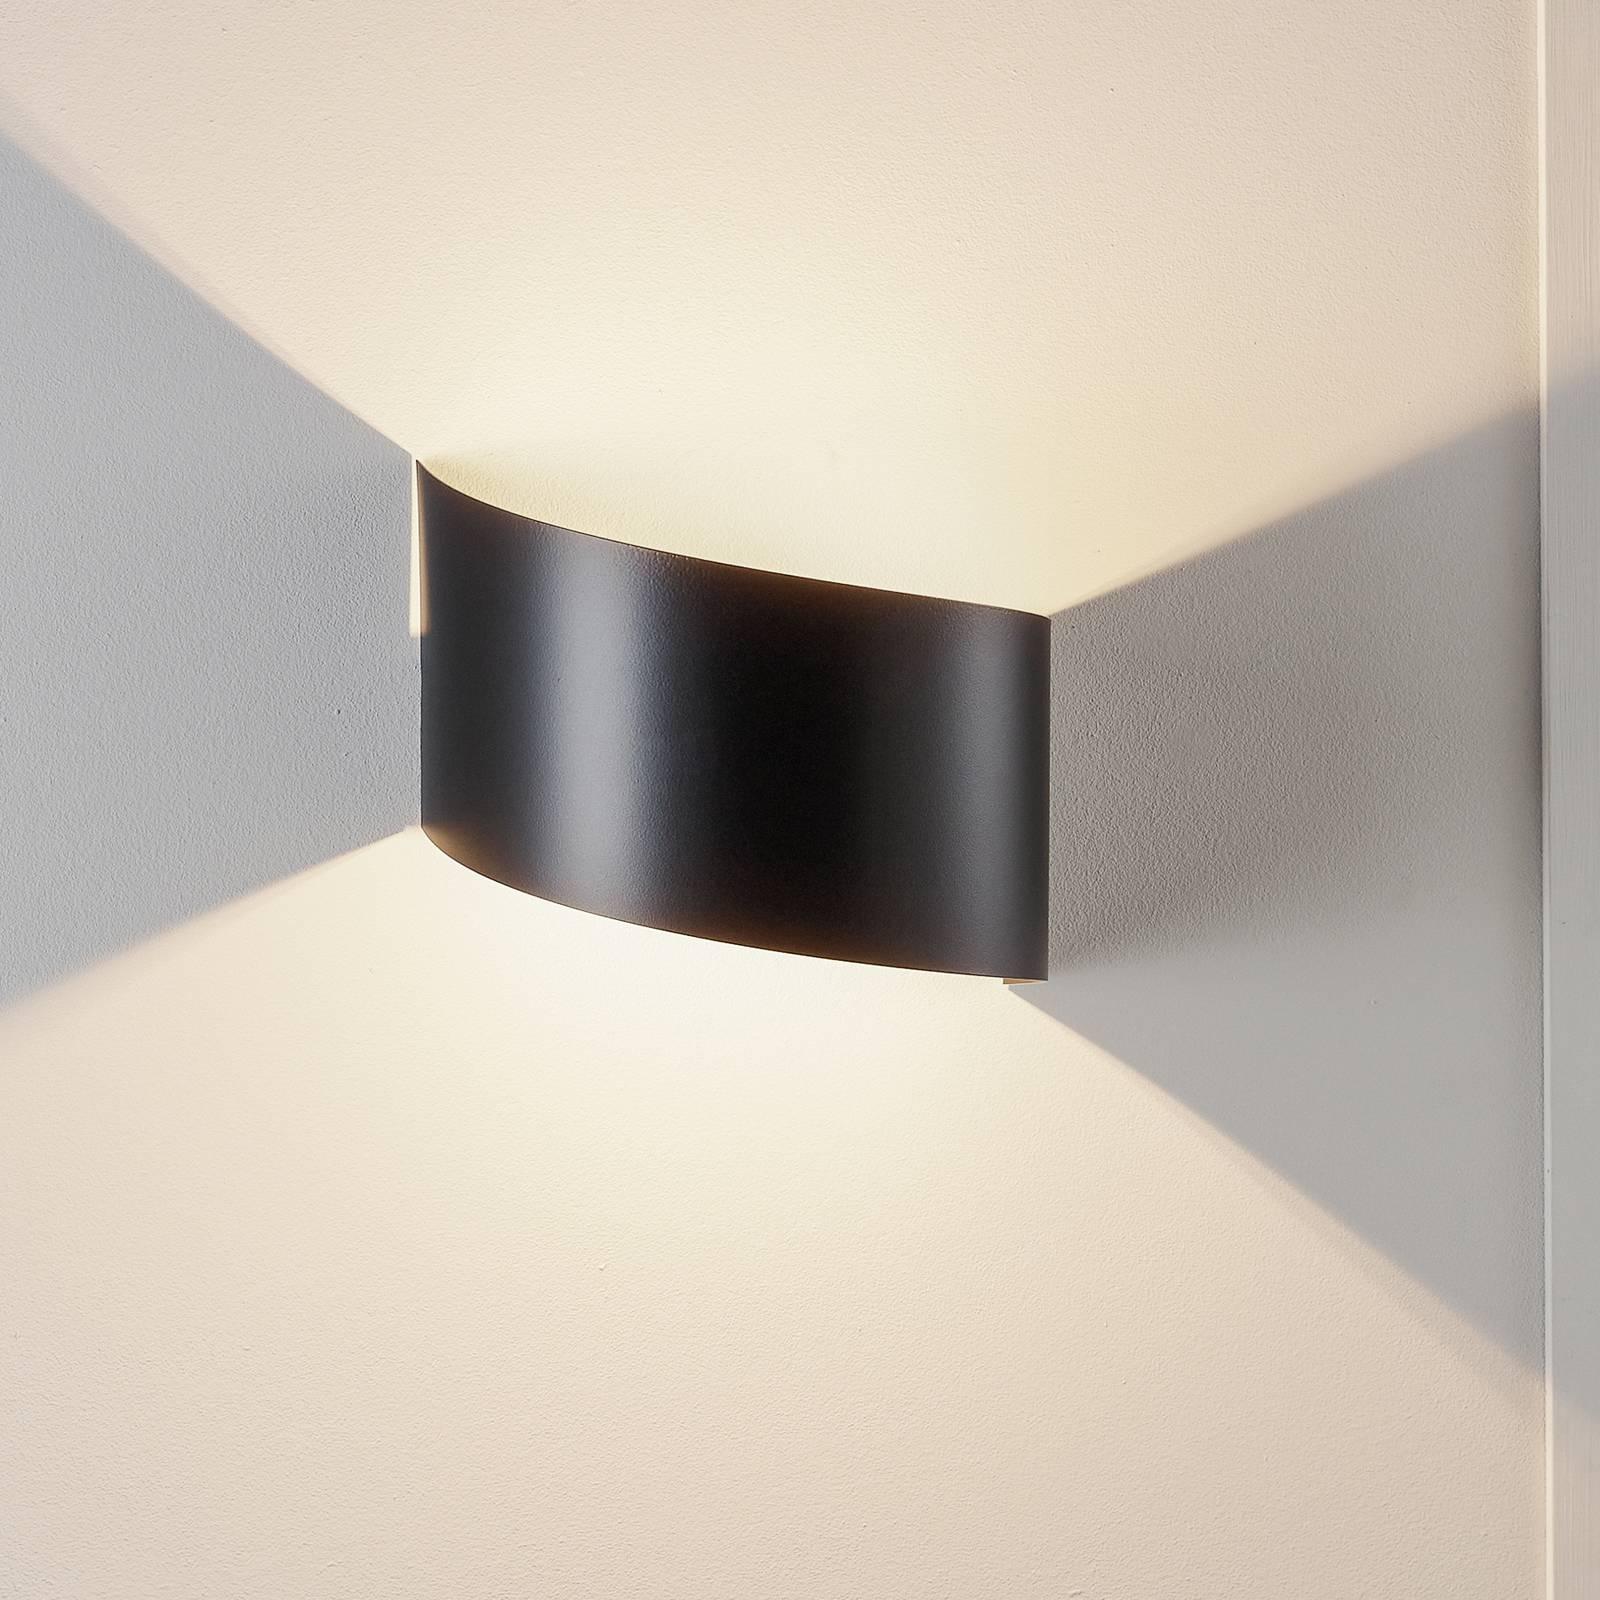 wandlamp Vero van gelakt staal, zwart